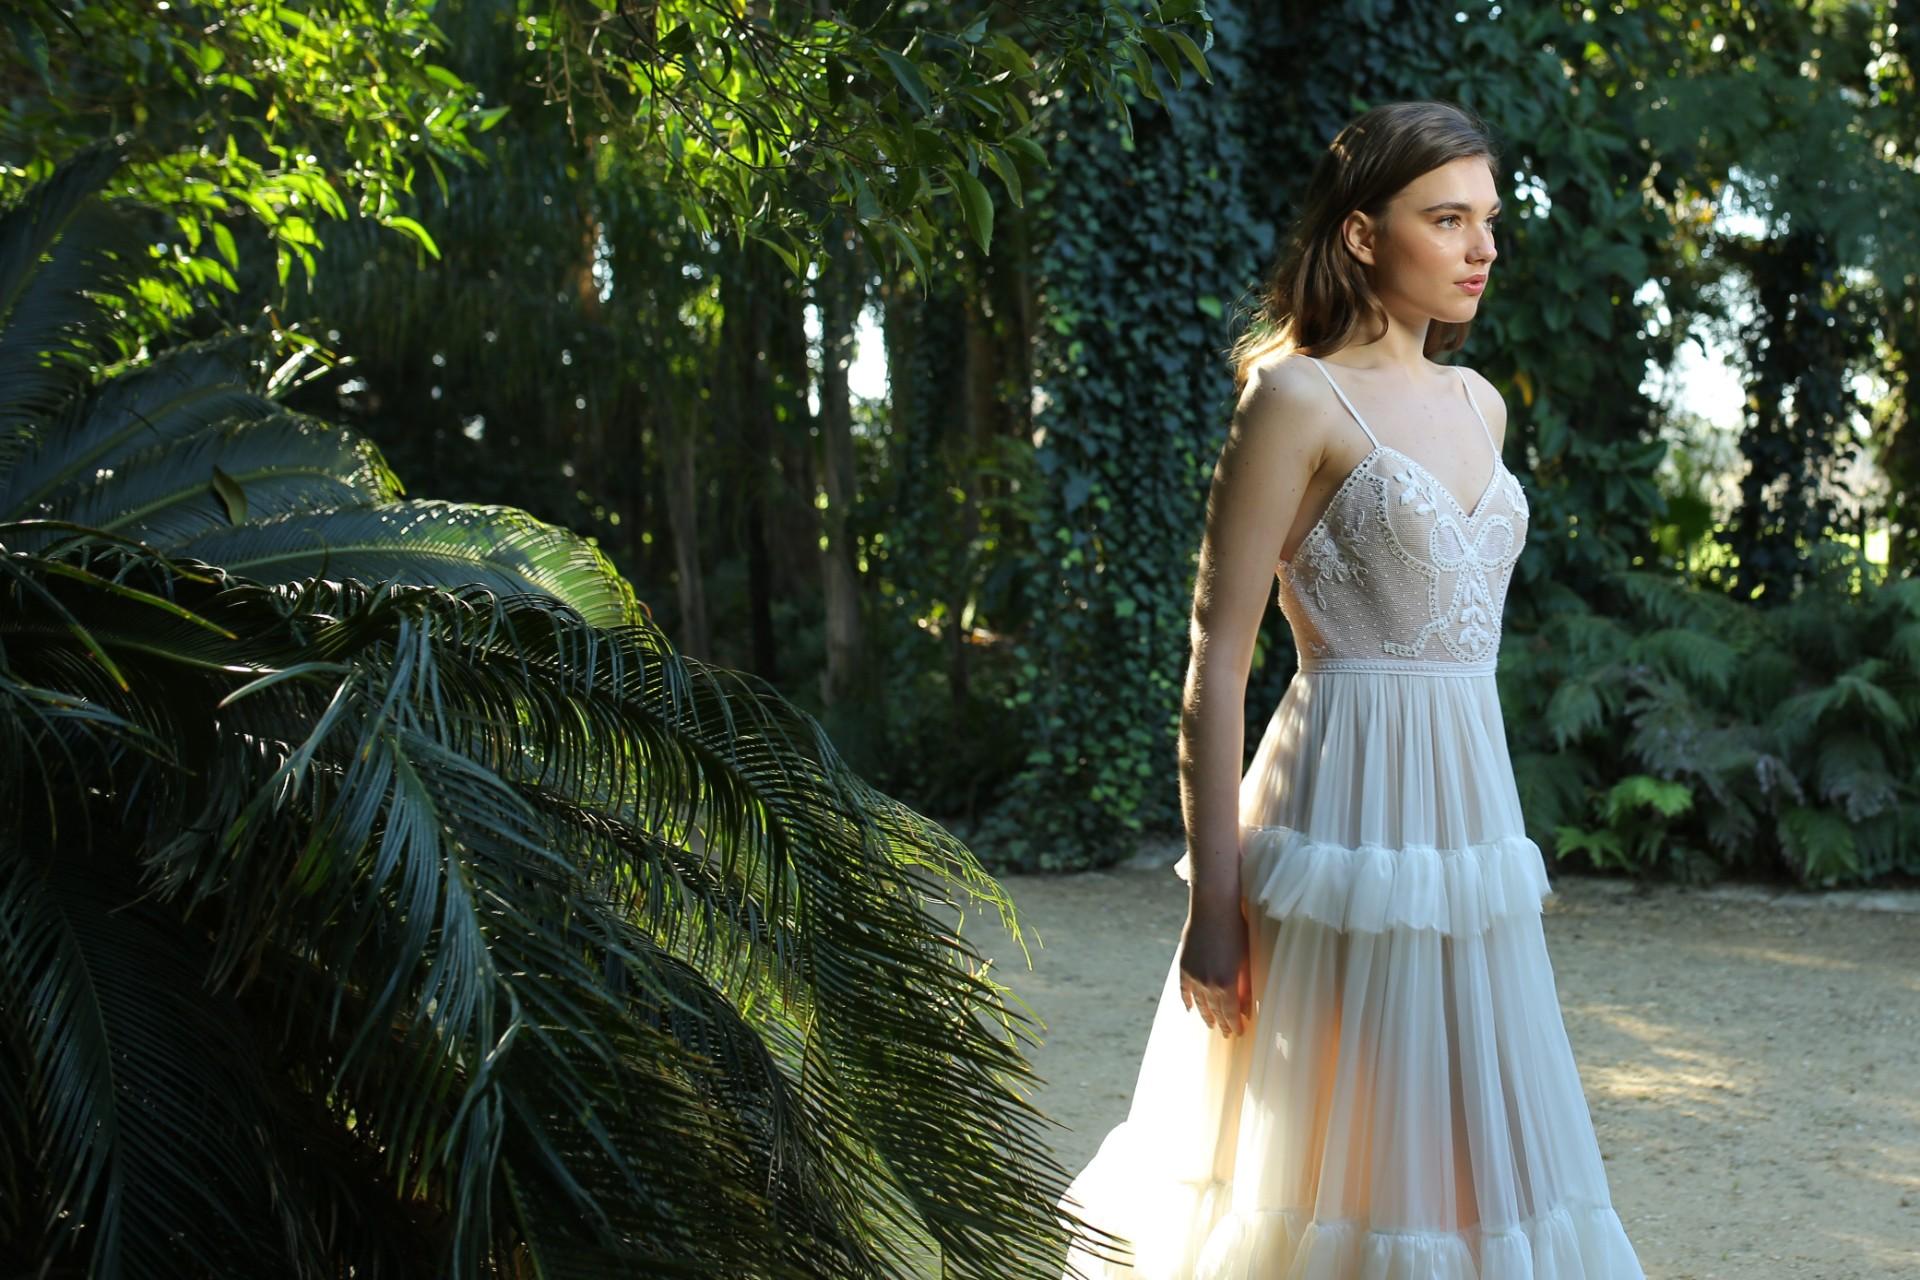 גן טרופי: קולקציית 2019 של אוליבר